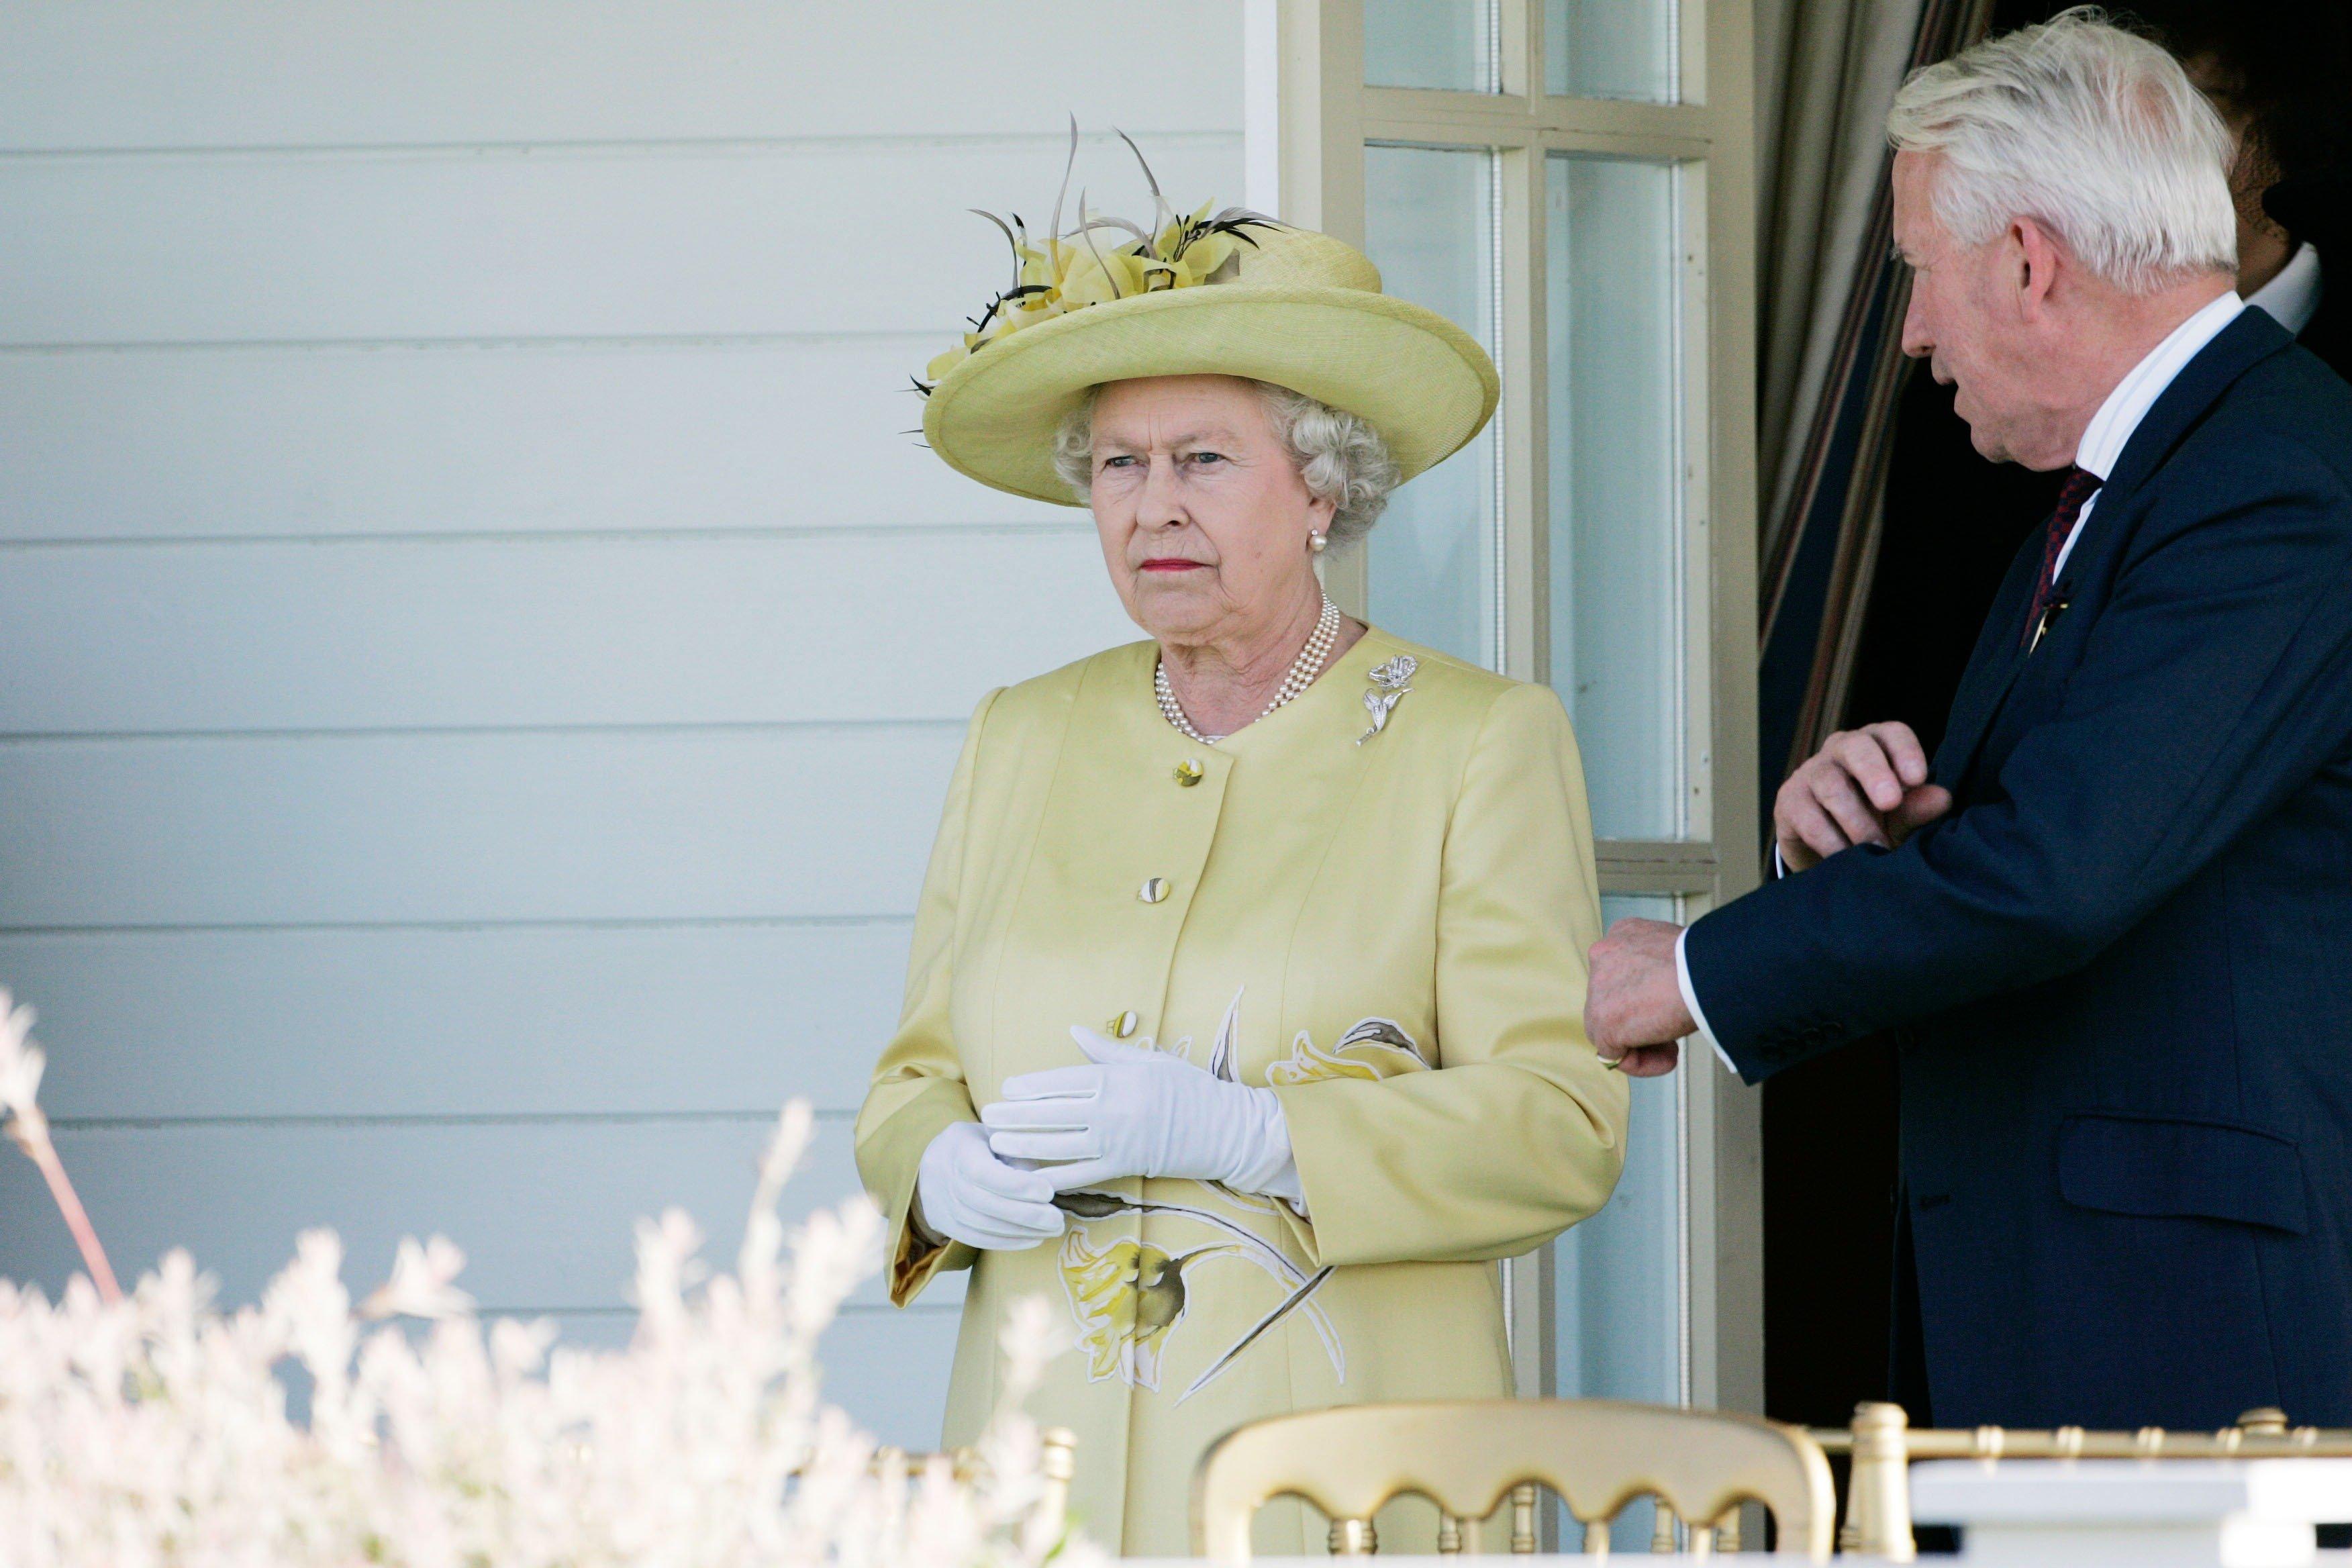 Royals-Serie auf Netflix: Eine Szene bringt die Queen auf die